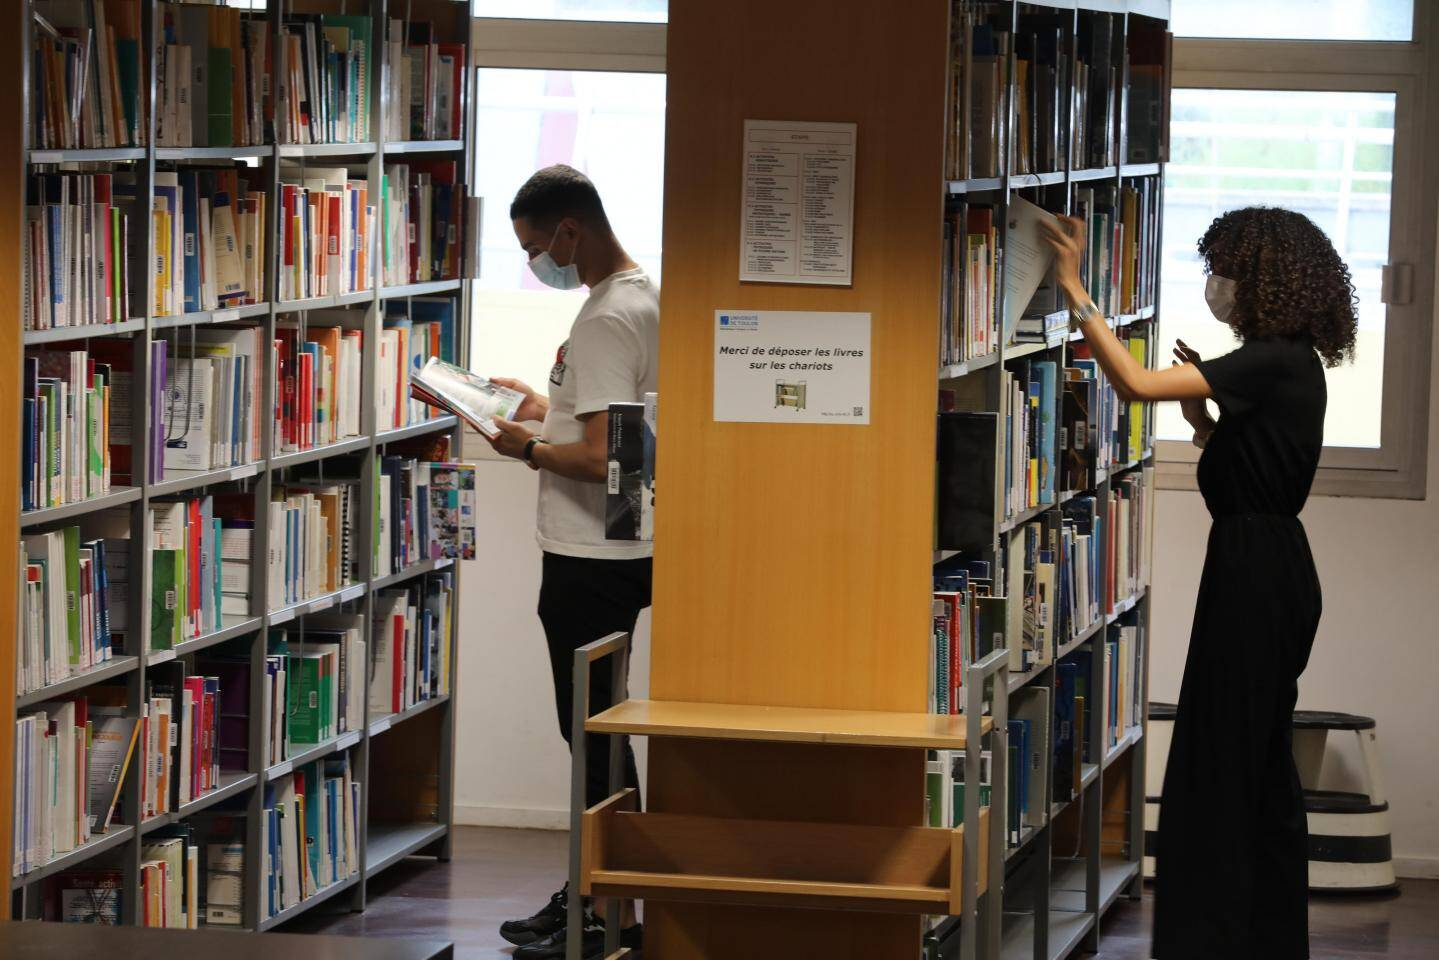 Librairies fermées? Qu'importe: les étudiants ont leur bibliothèque.